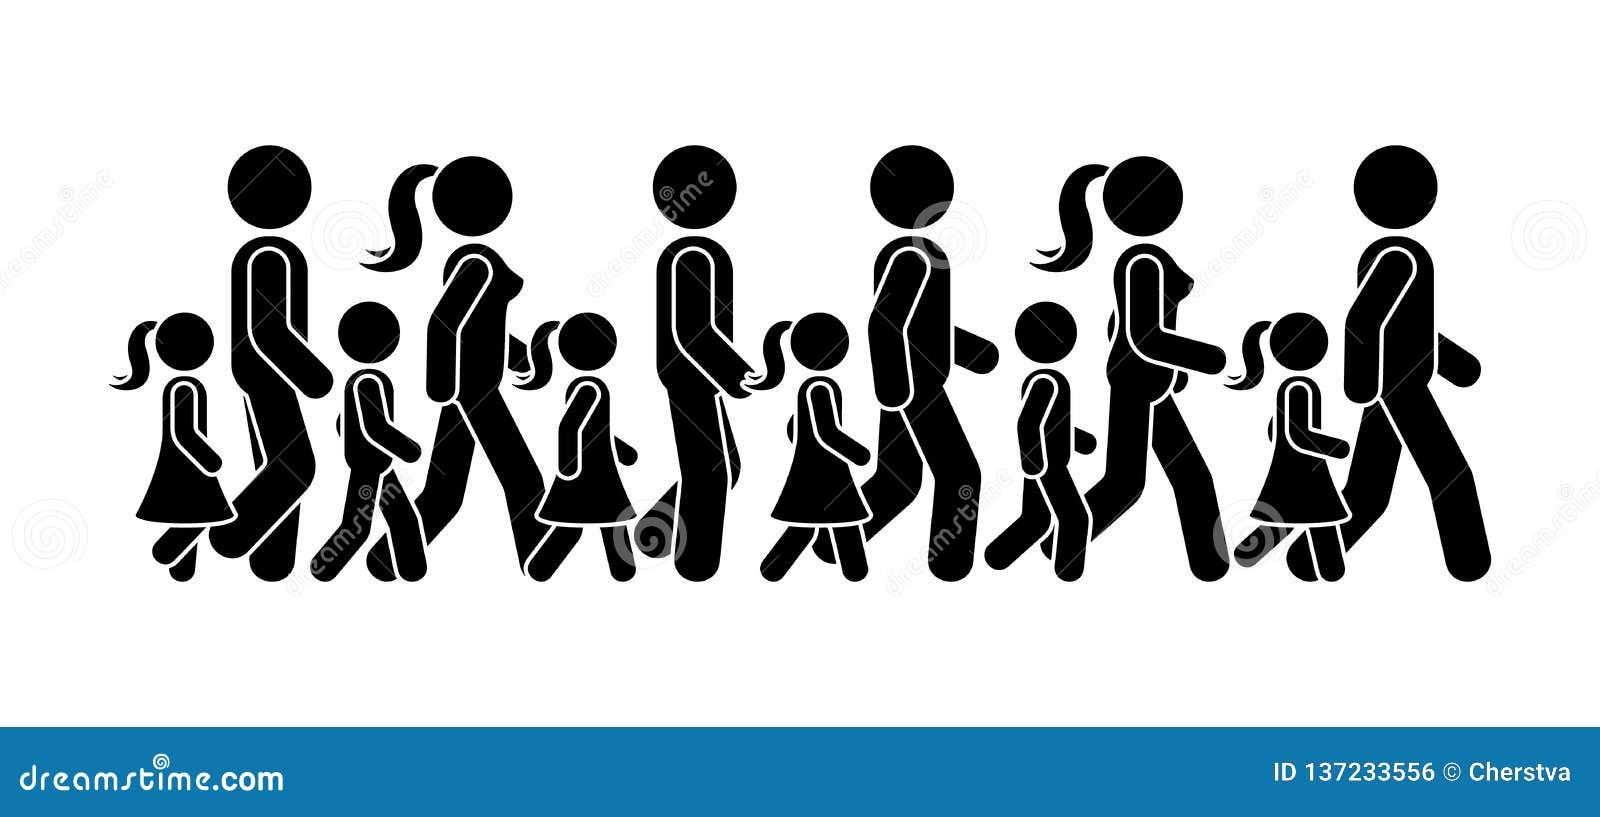 Figura pictograma de passeio da vara do ícone do vetor do grupo de pessoas Homem, mulher e crianças movendo para a frente o grupo